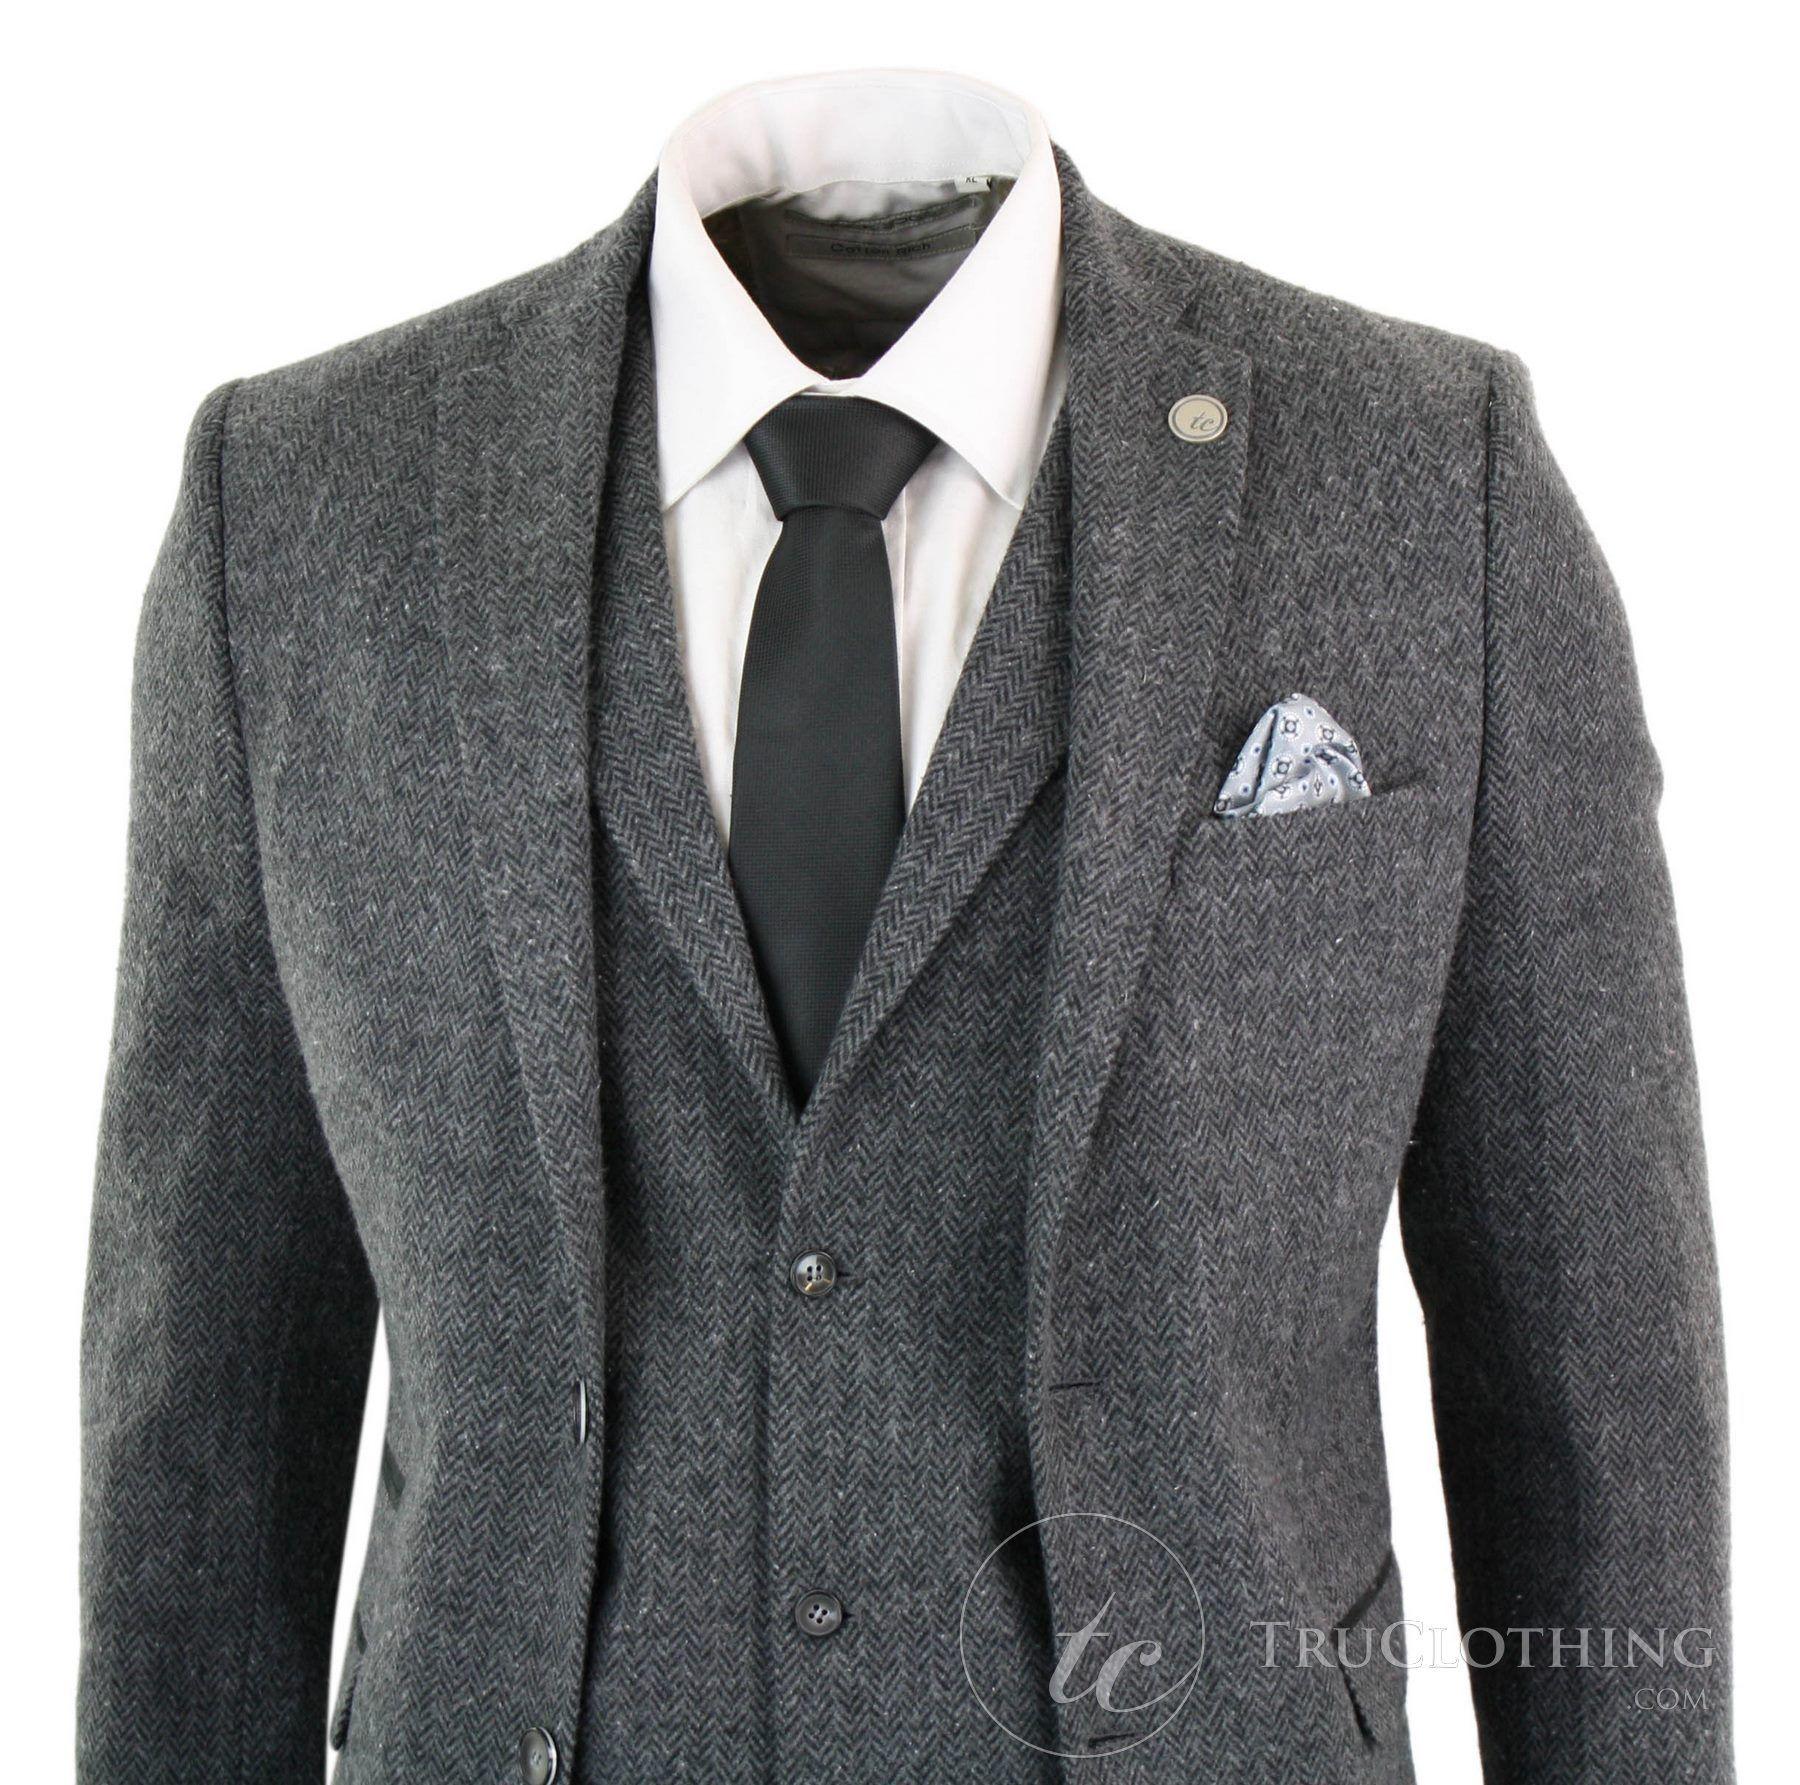 Mens 3 Piece Suit Herringbone Tan Tweed Check on Olive Green Retro Peaky Blinders